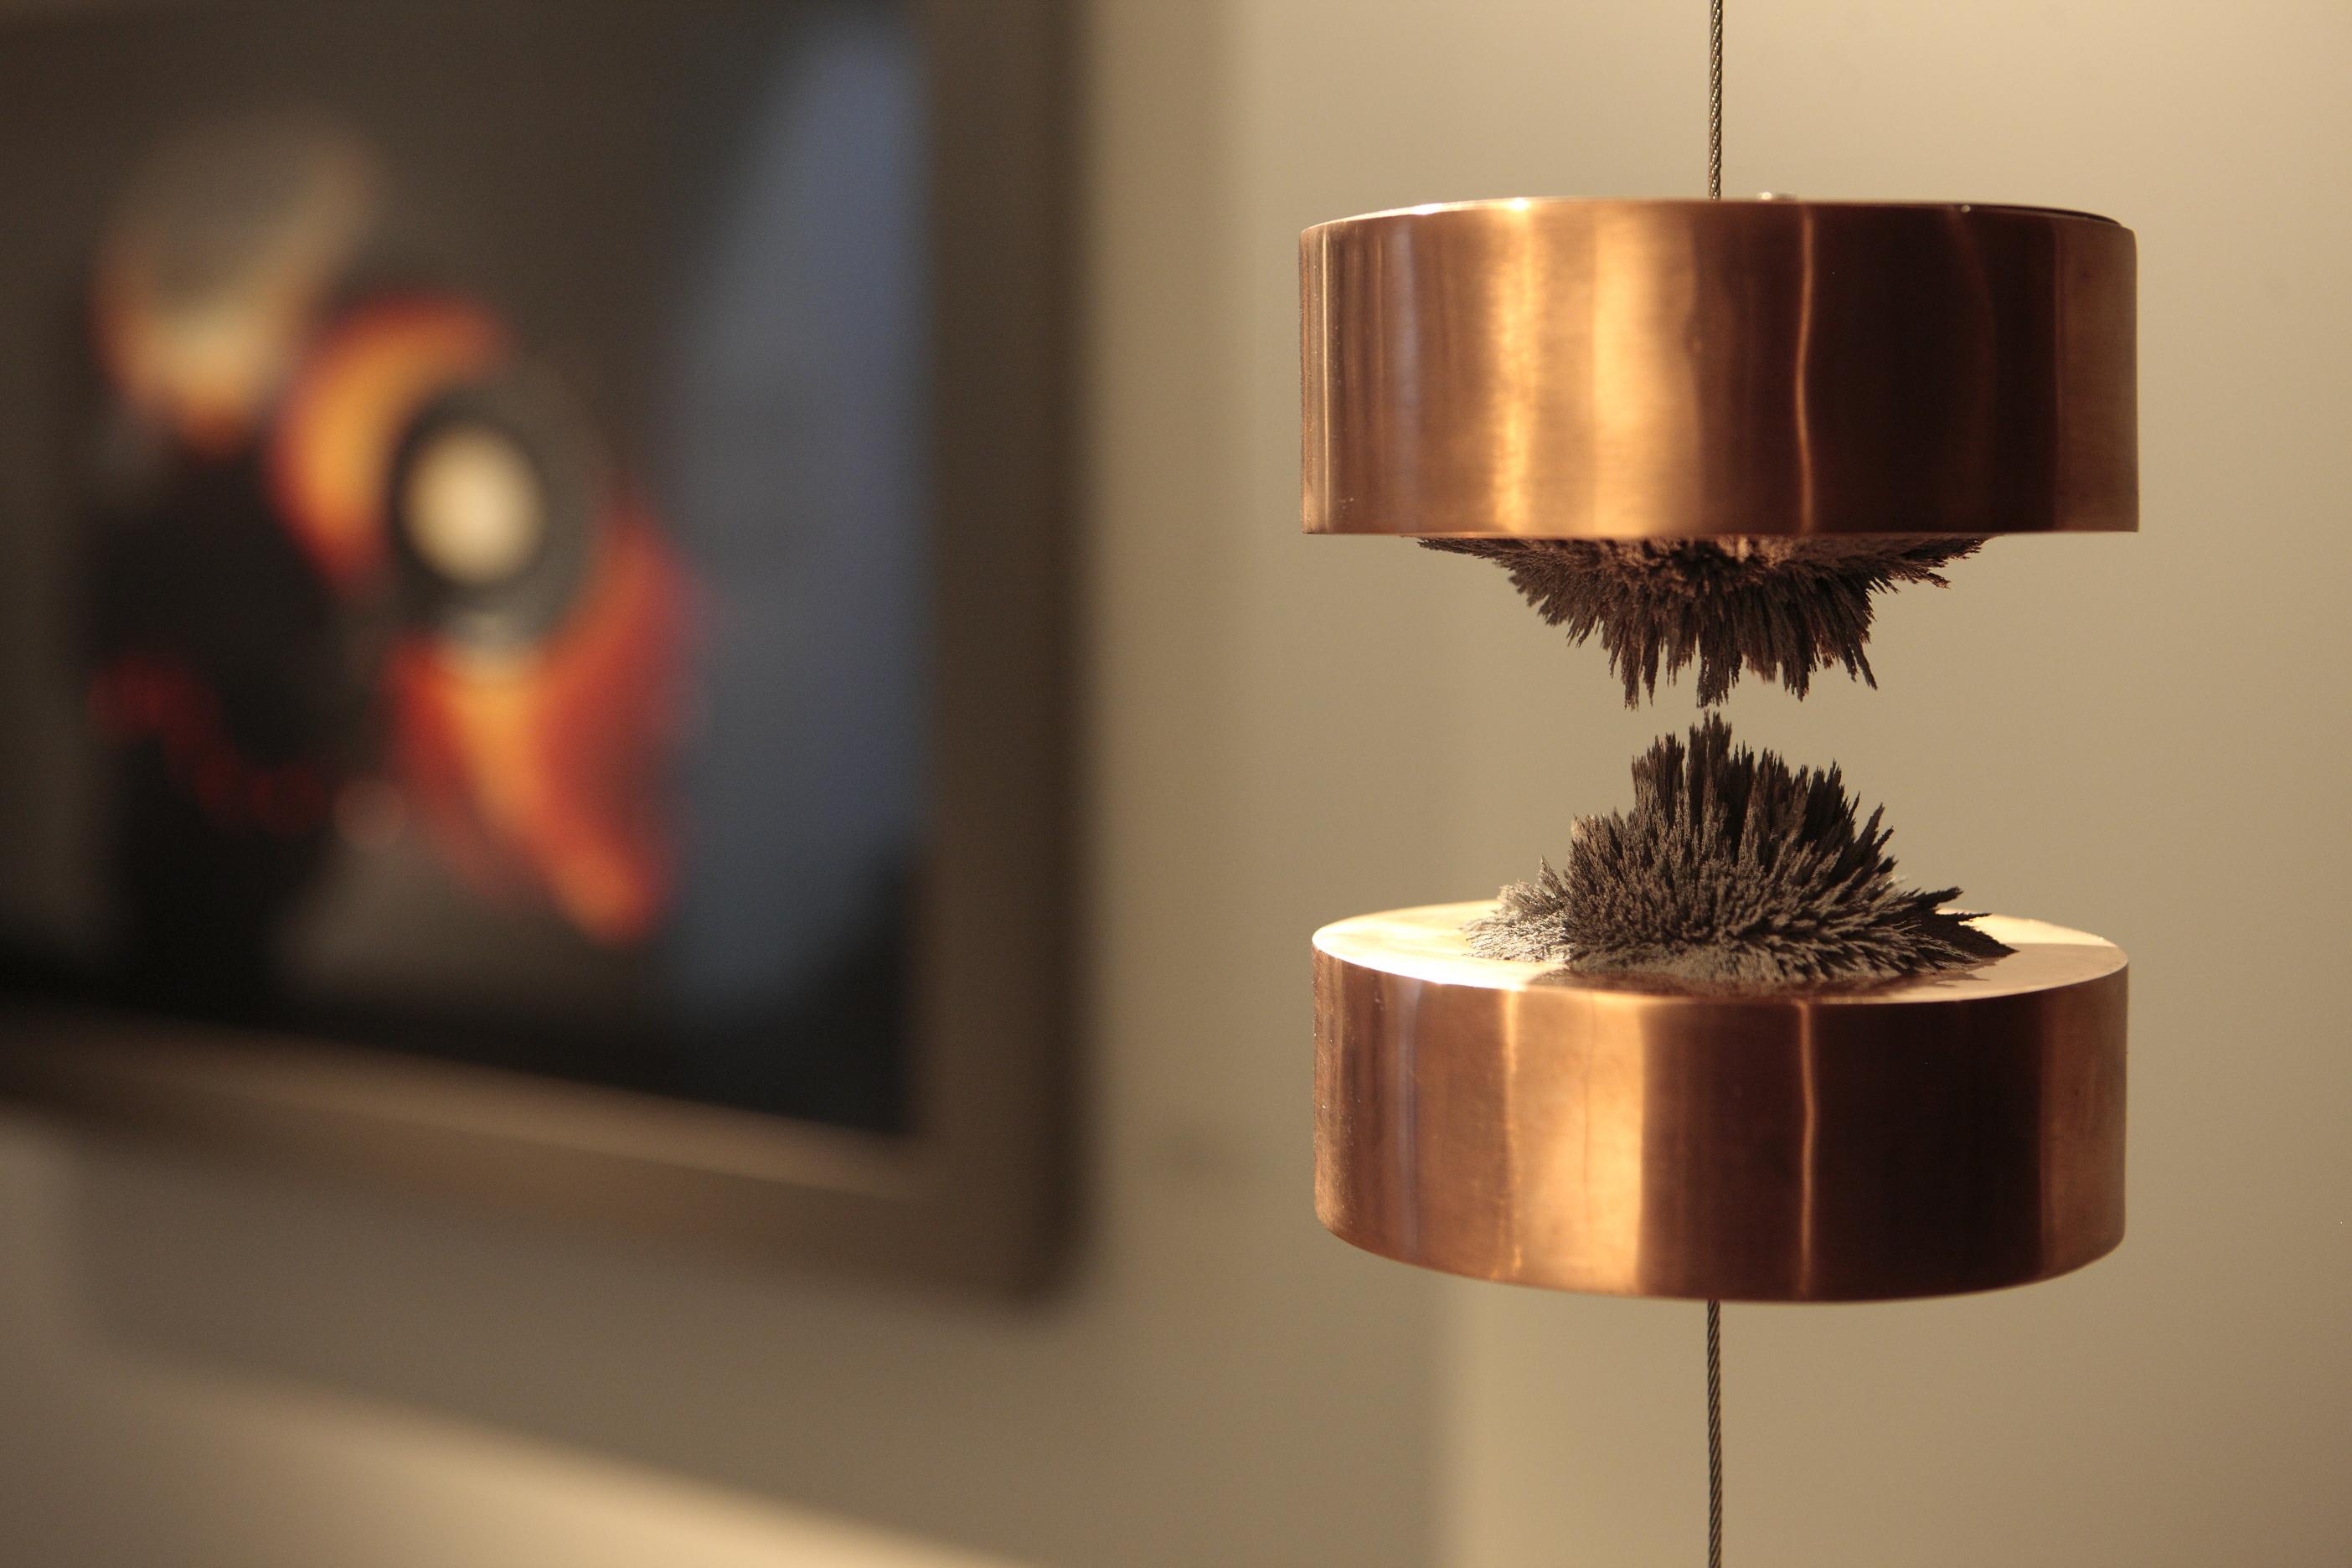 Le temps suspendu #3, Hicham Berrada Copper, magnet and iron 13x14cm, 2009